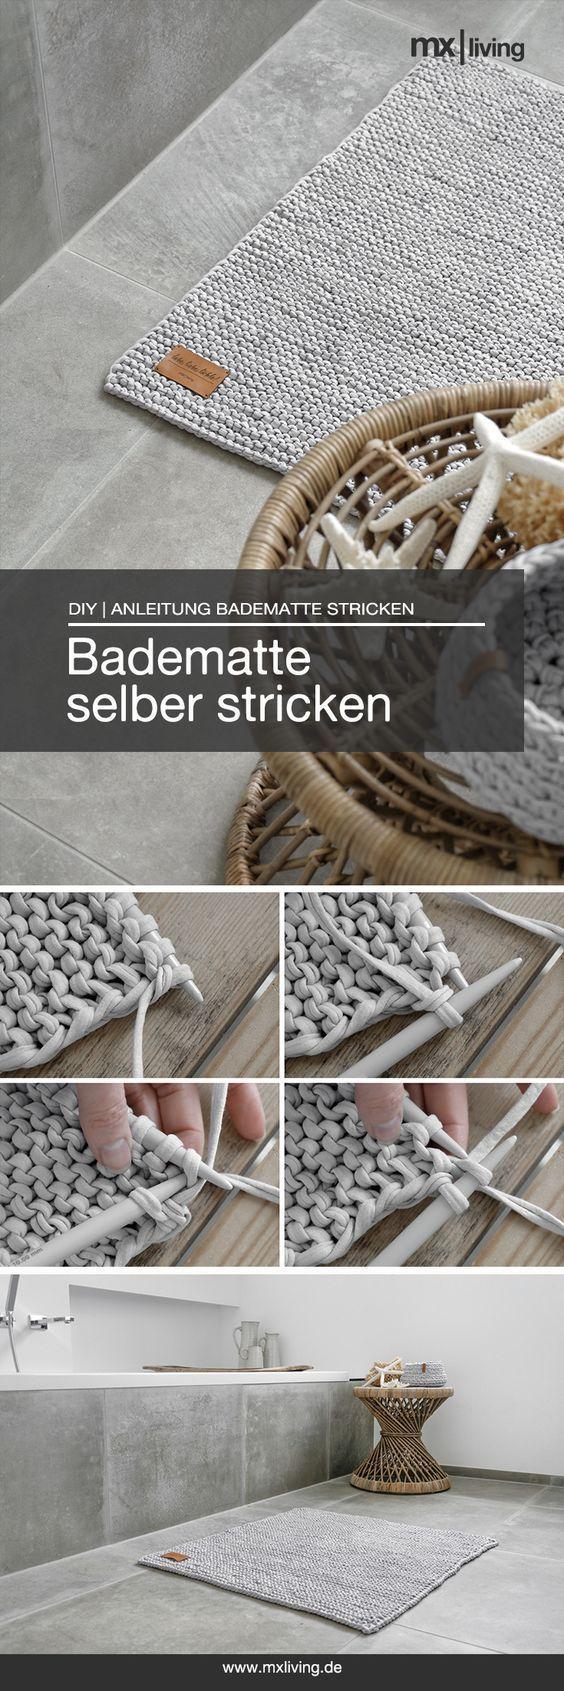 Photo of DIY   Badematte stricken – mxliving